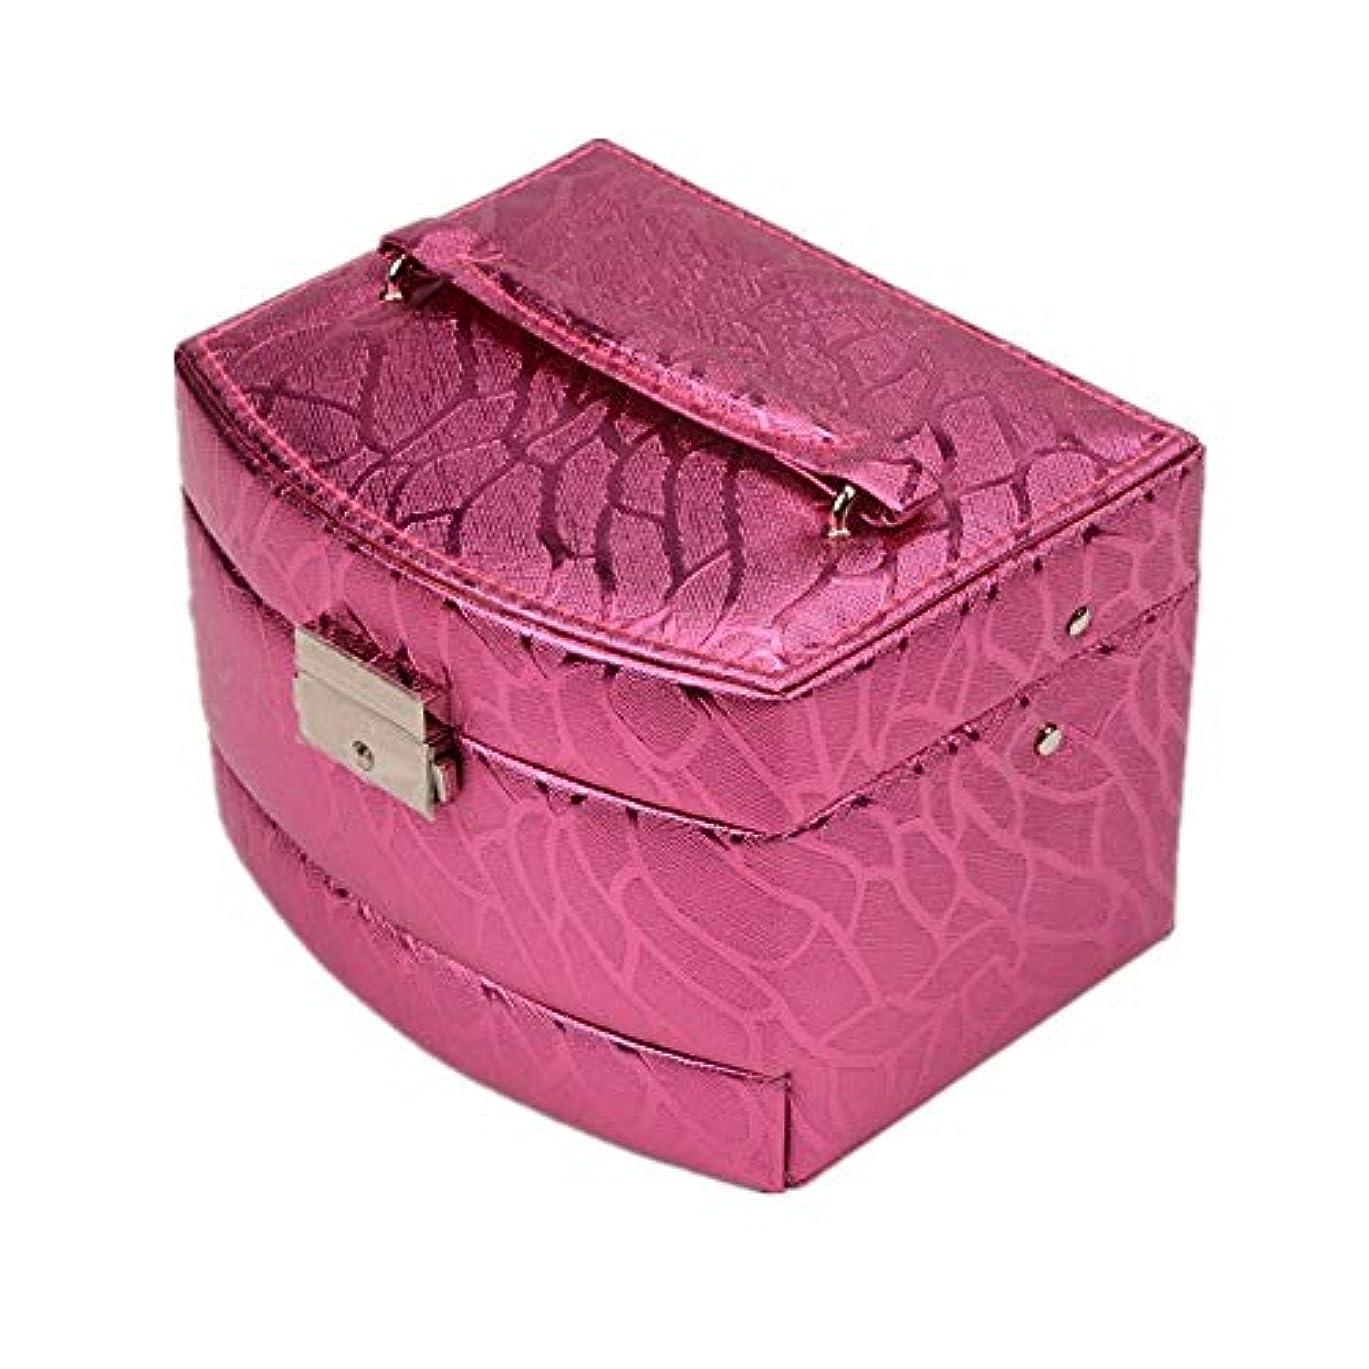 もの降下払い戻し化粧オーガナイザーバッグ 光沢のあるポータブル多層化粧品美容メイクアップ化粧ケースロックと化粧品ミラー 化粧品ケース